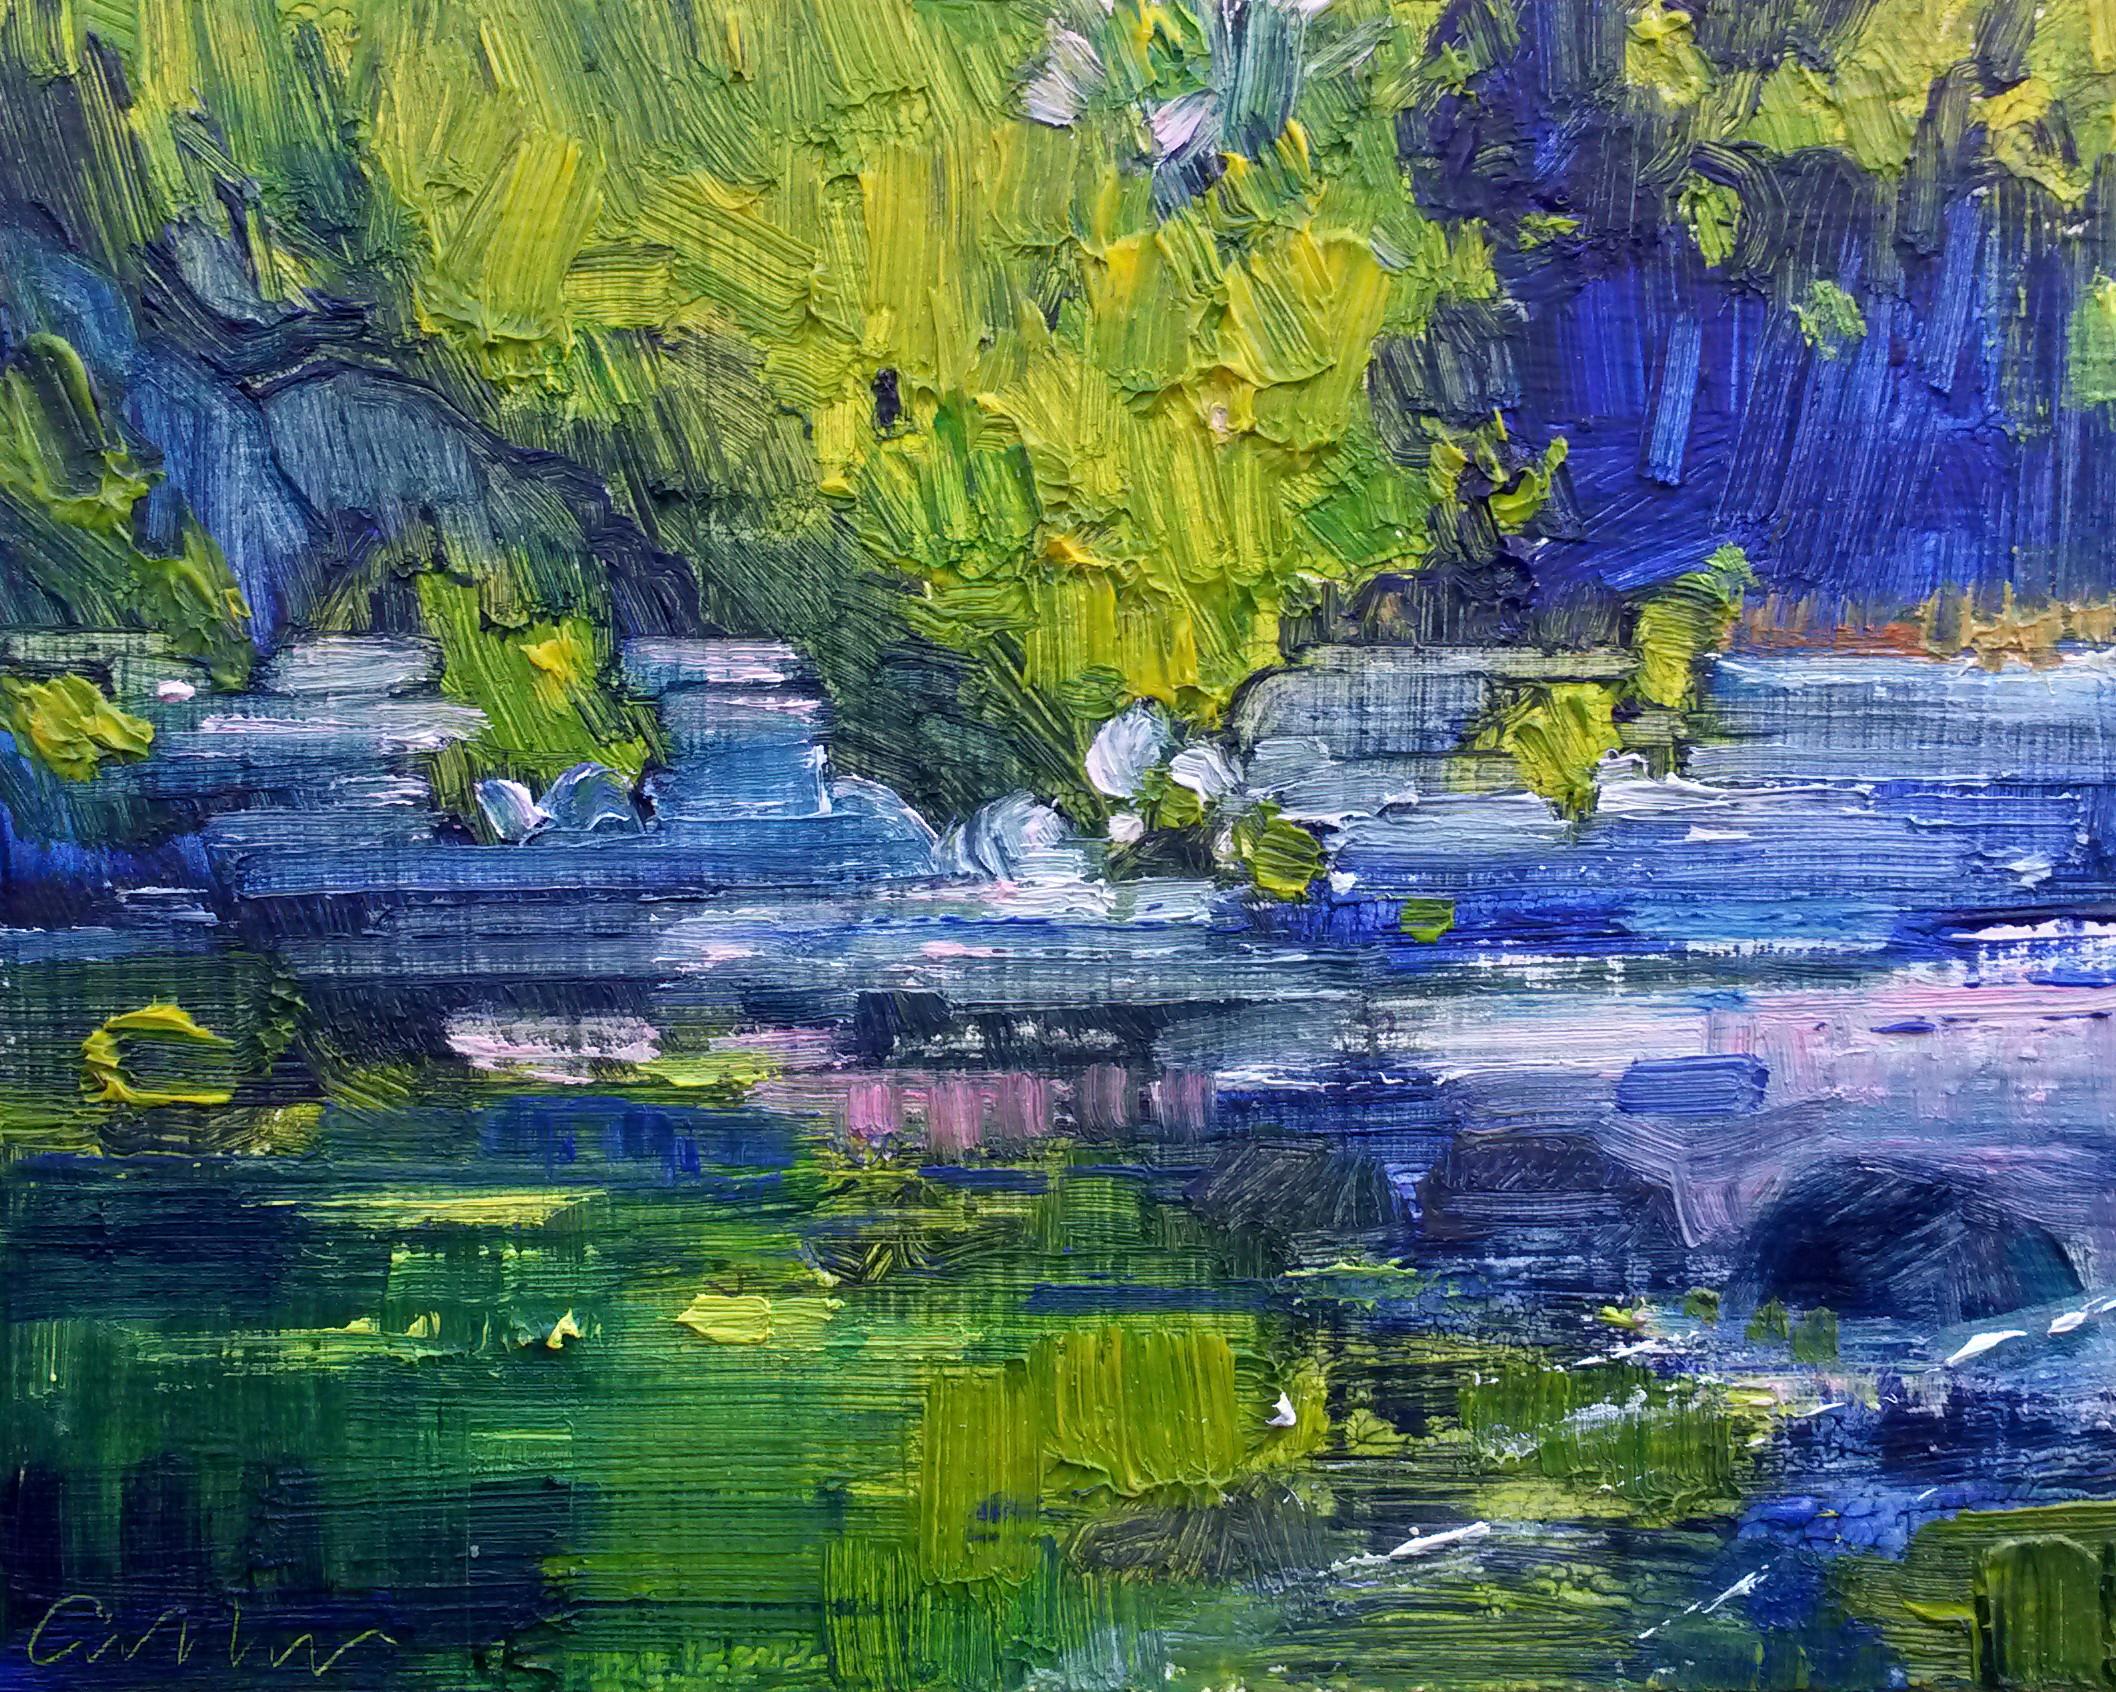 River Reflections, May - £300.00